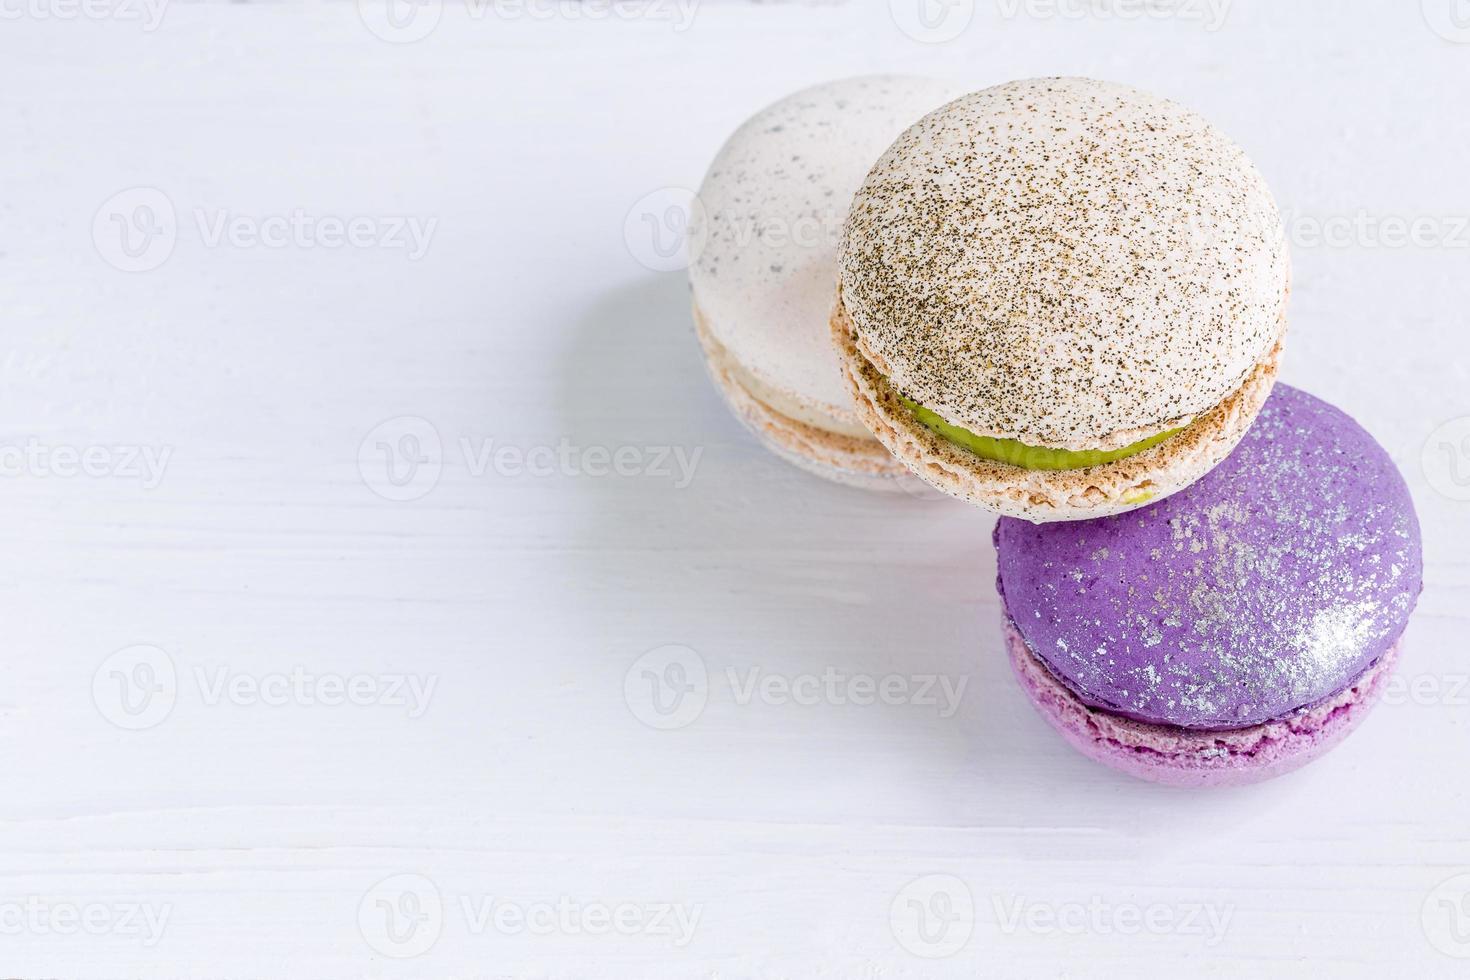 Fondo de macaron francés foto